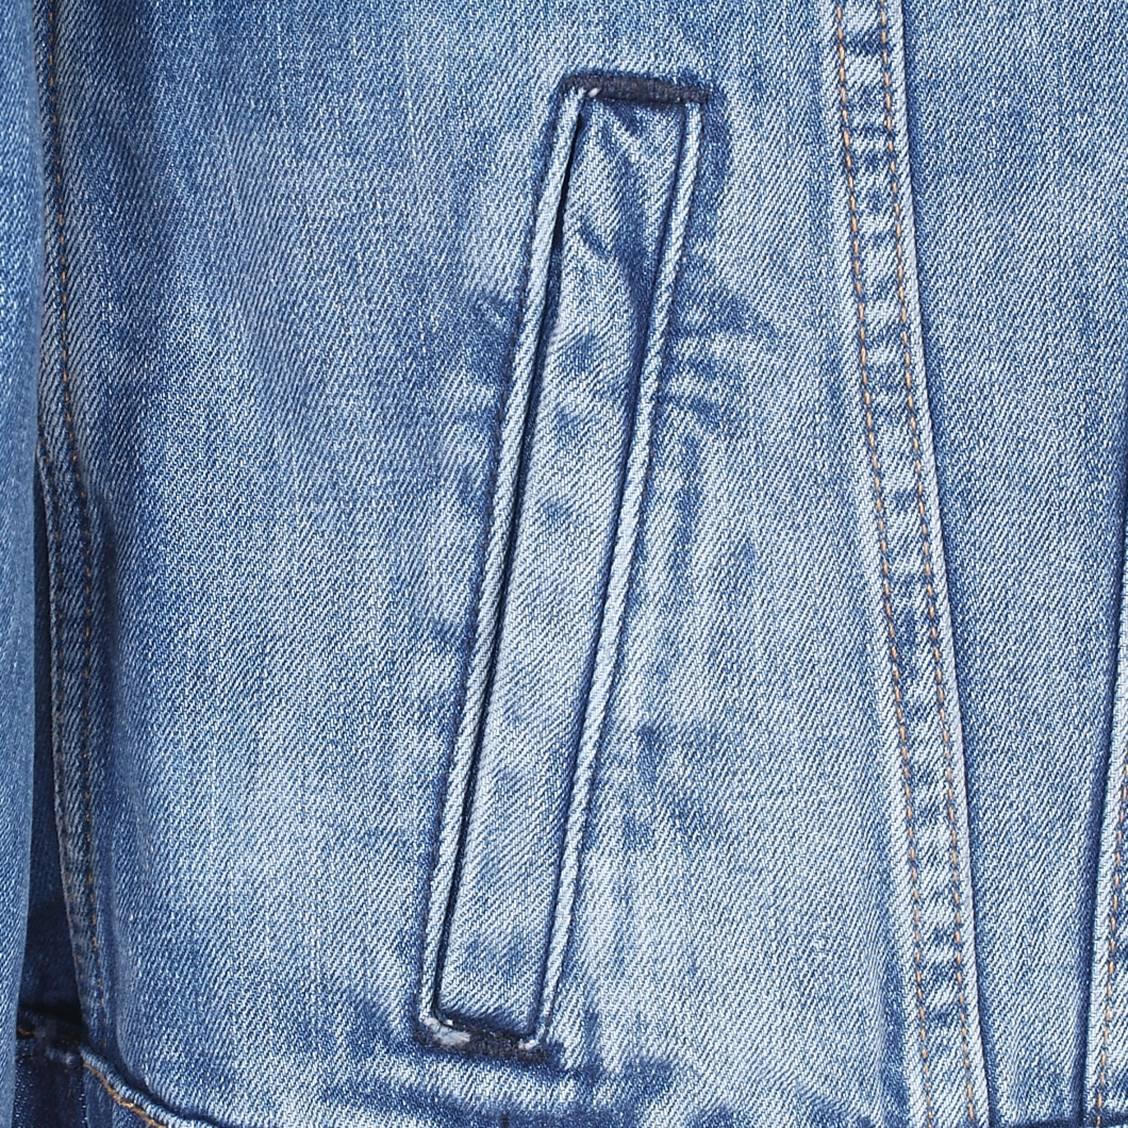 Rue Jean Bleu Hommes En Jeans Pepe Veste Délavé Usé Des Pinner Effet nzBxwq5Xq